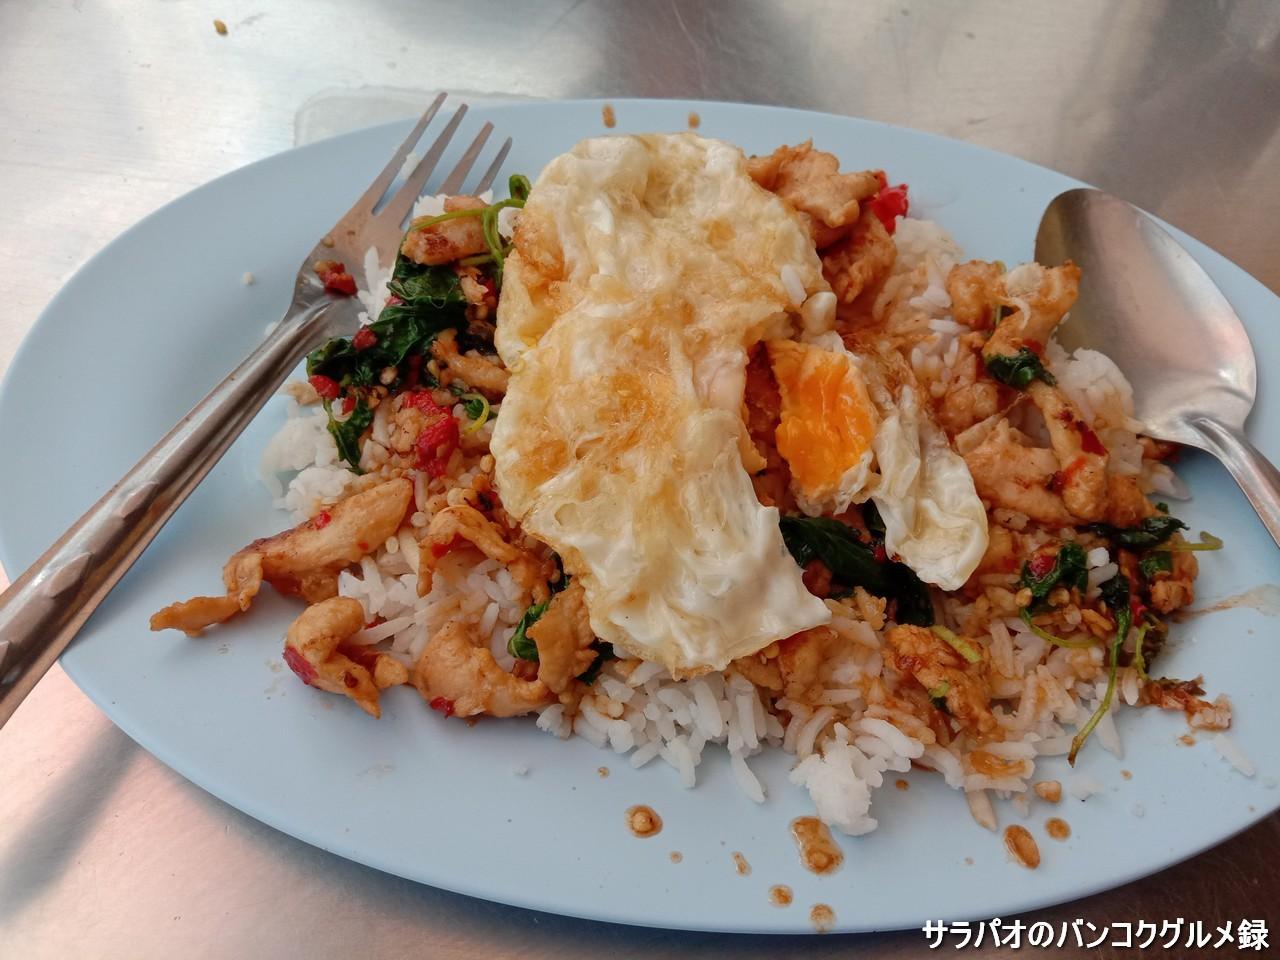 ウン・ジア・フアトはタイ一美味しいガパオライスと評判のタイ料理店 in アソーク